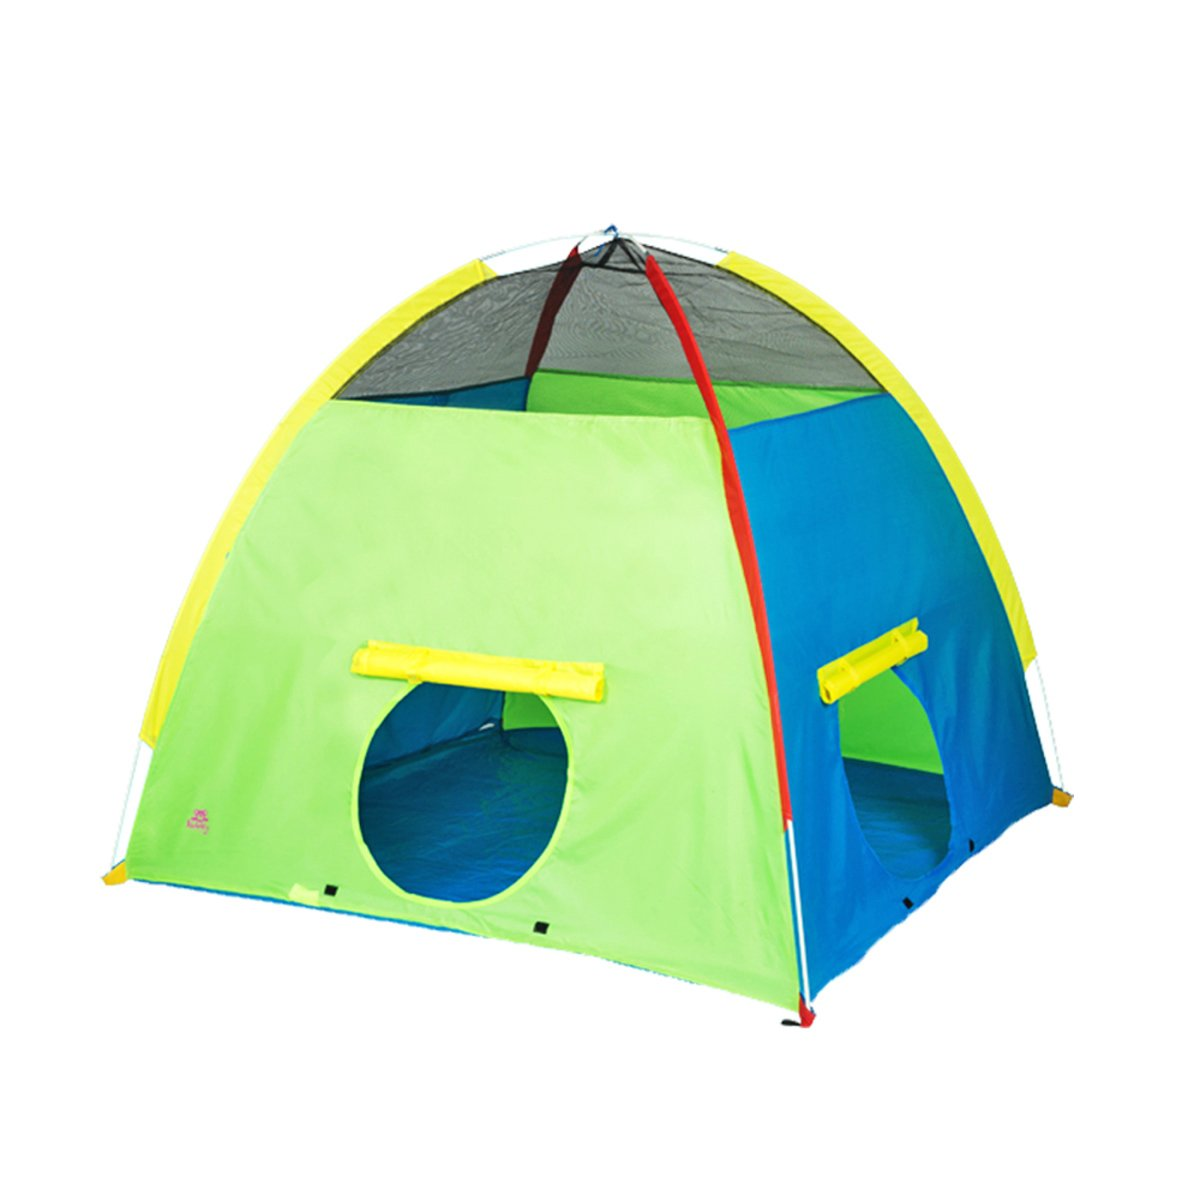 LF DD Tienda de juegos para niños Indoor Game House Dome Large Space Casa de juguetes interactiva (Verde 59.1  59.1  51.2 pulgadas Embalaje de 1)